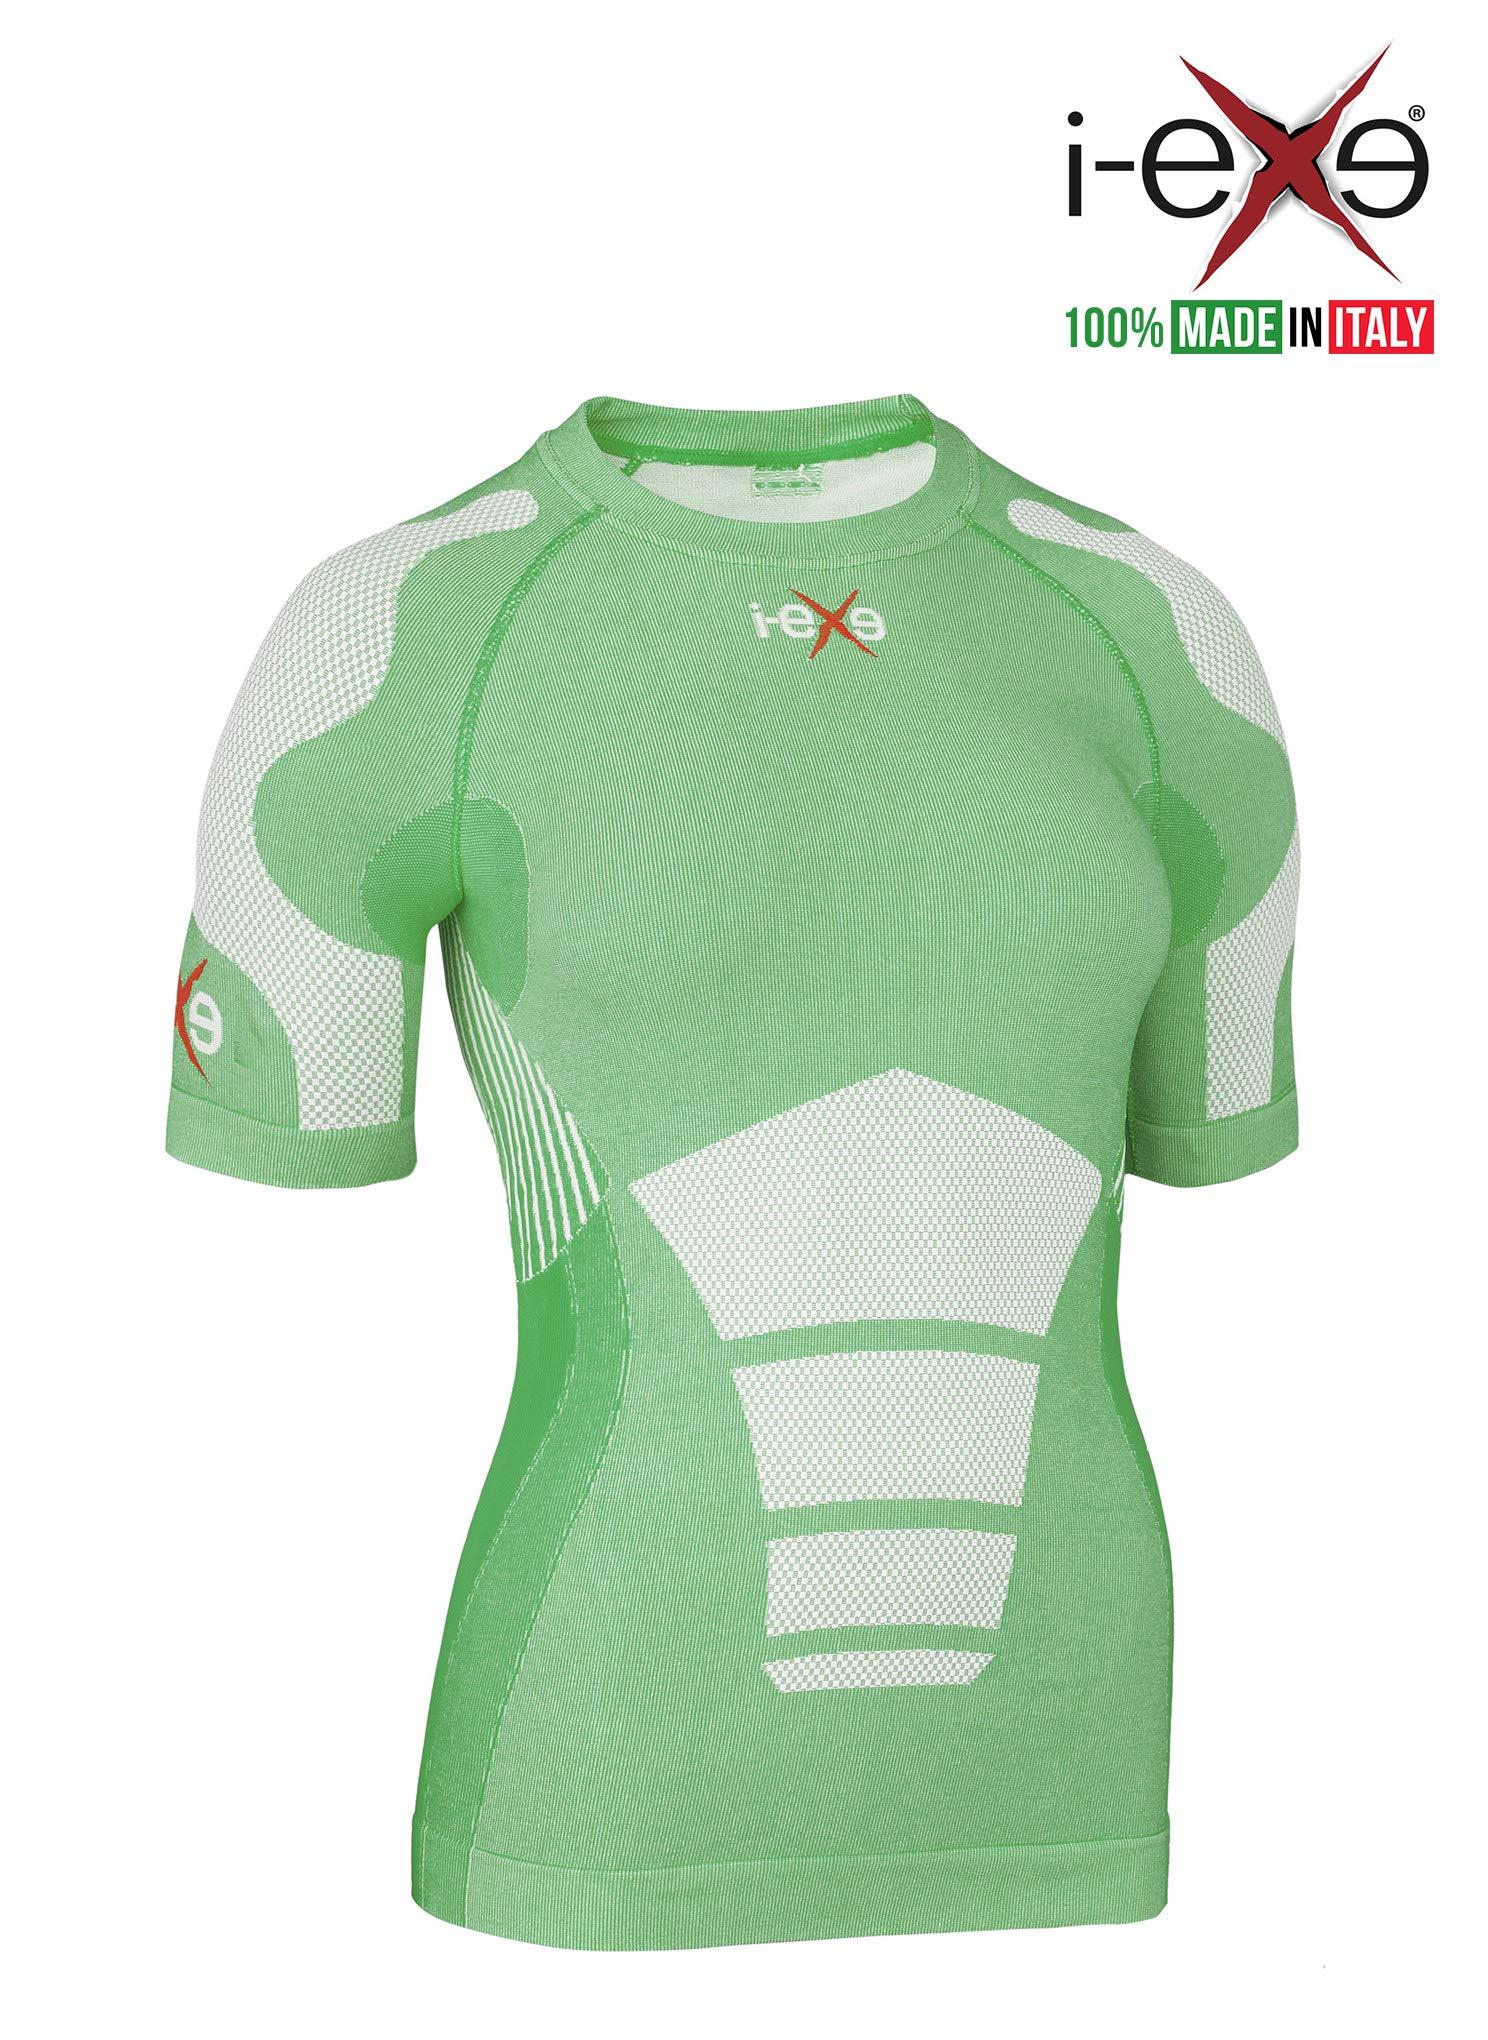 I-EXE Womens Compr Shirt CLR: Green, SZ: S